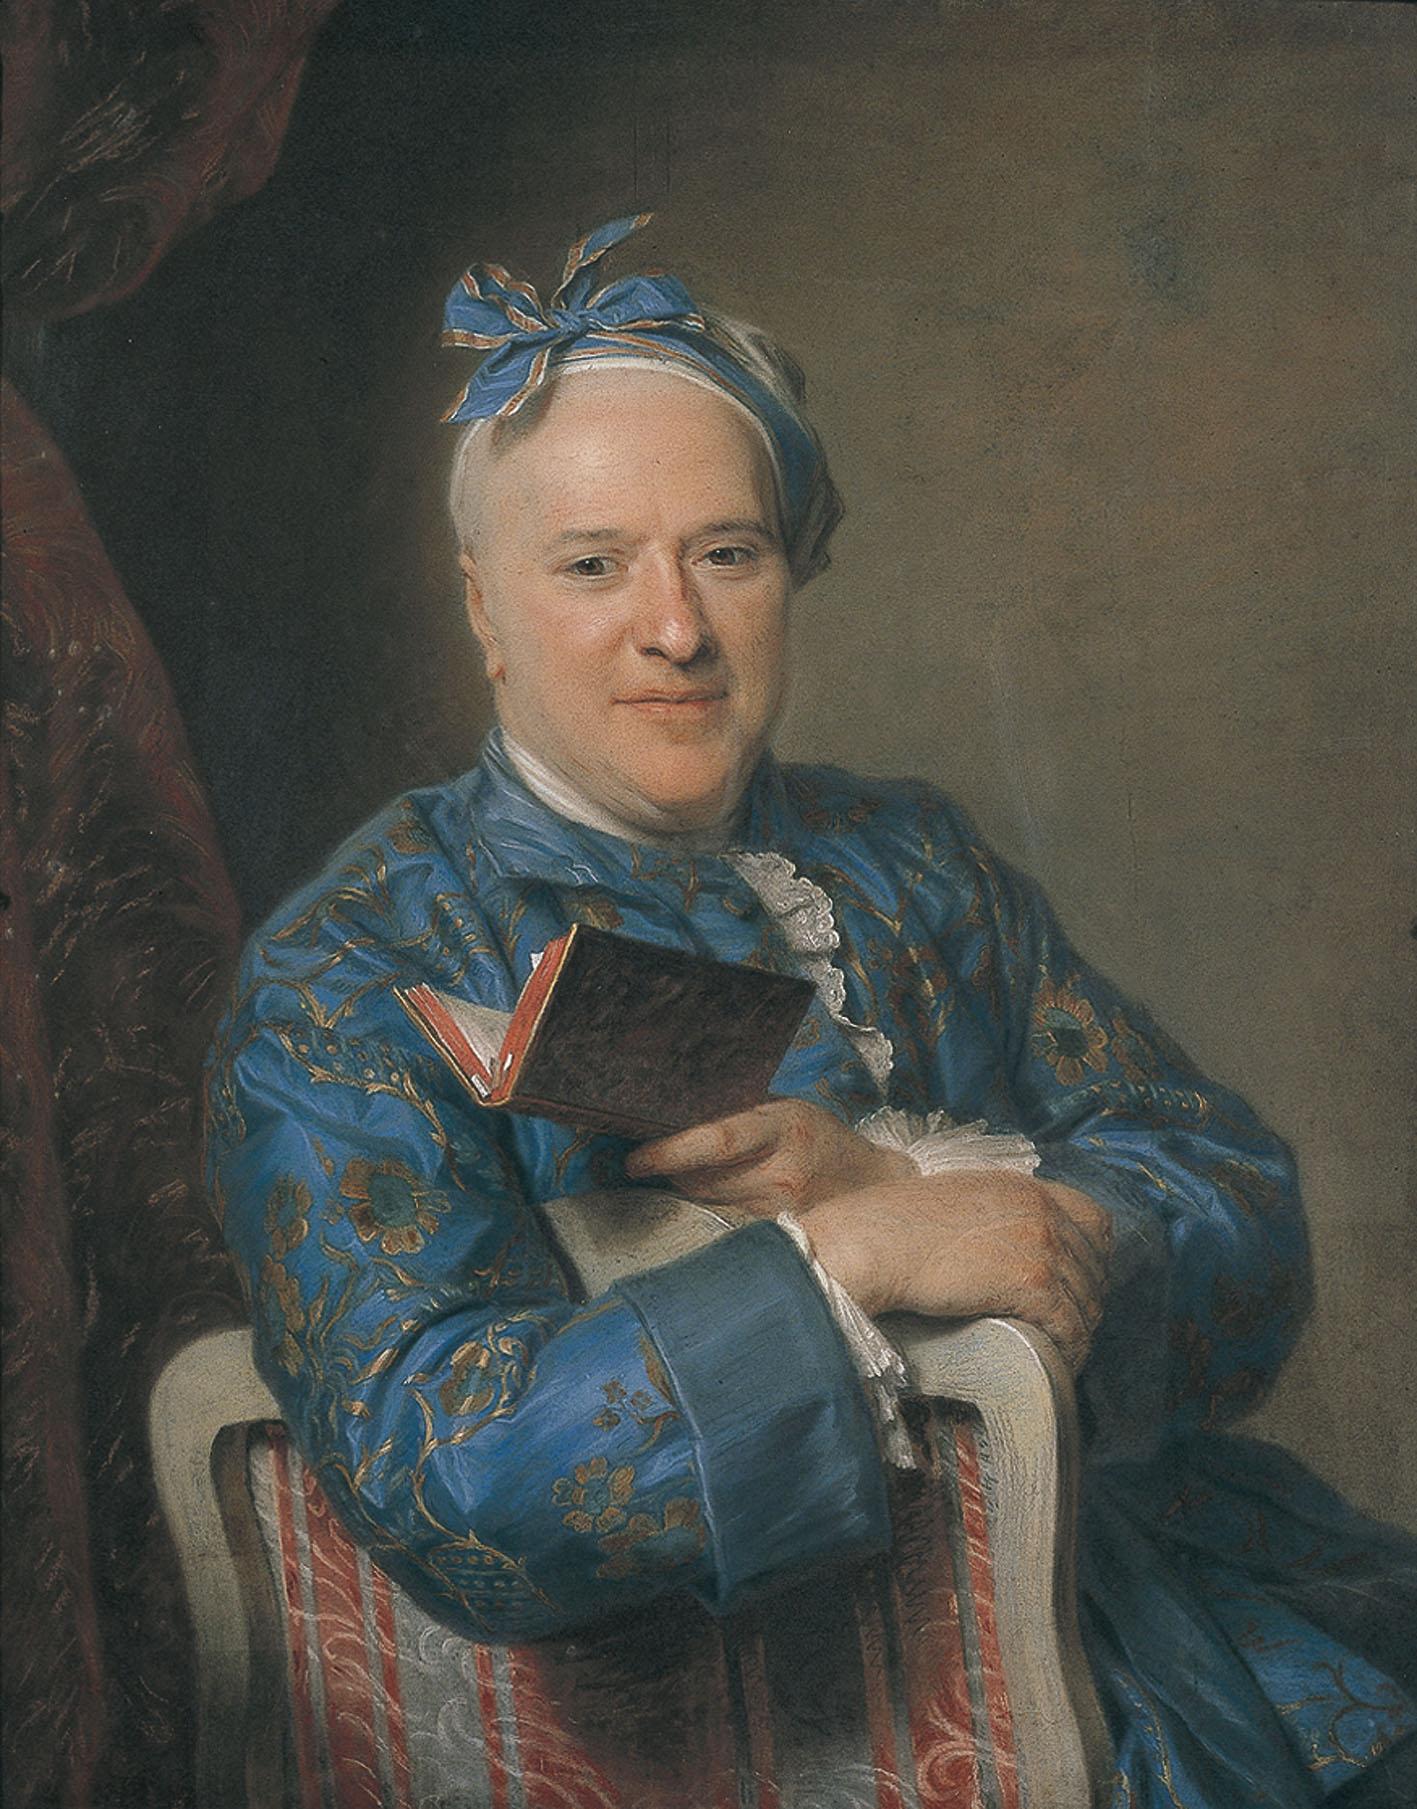 Pierre-Louis Laideguive